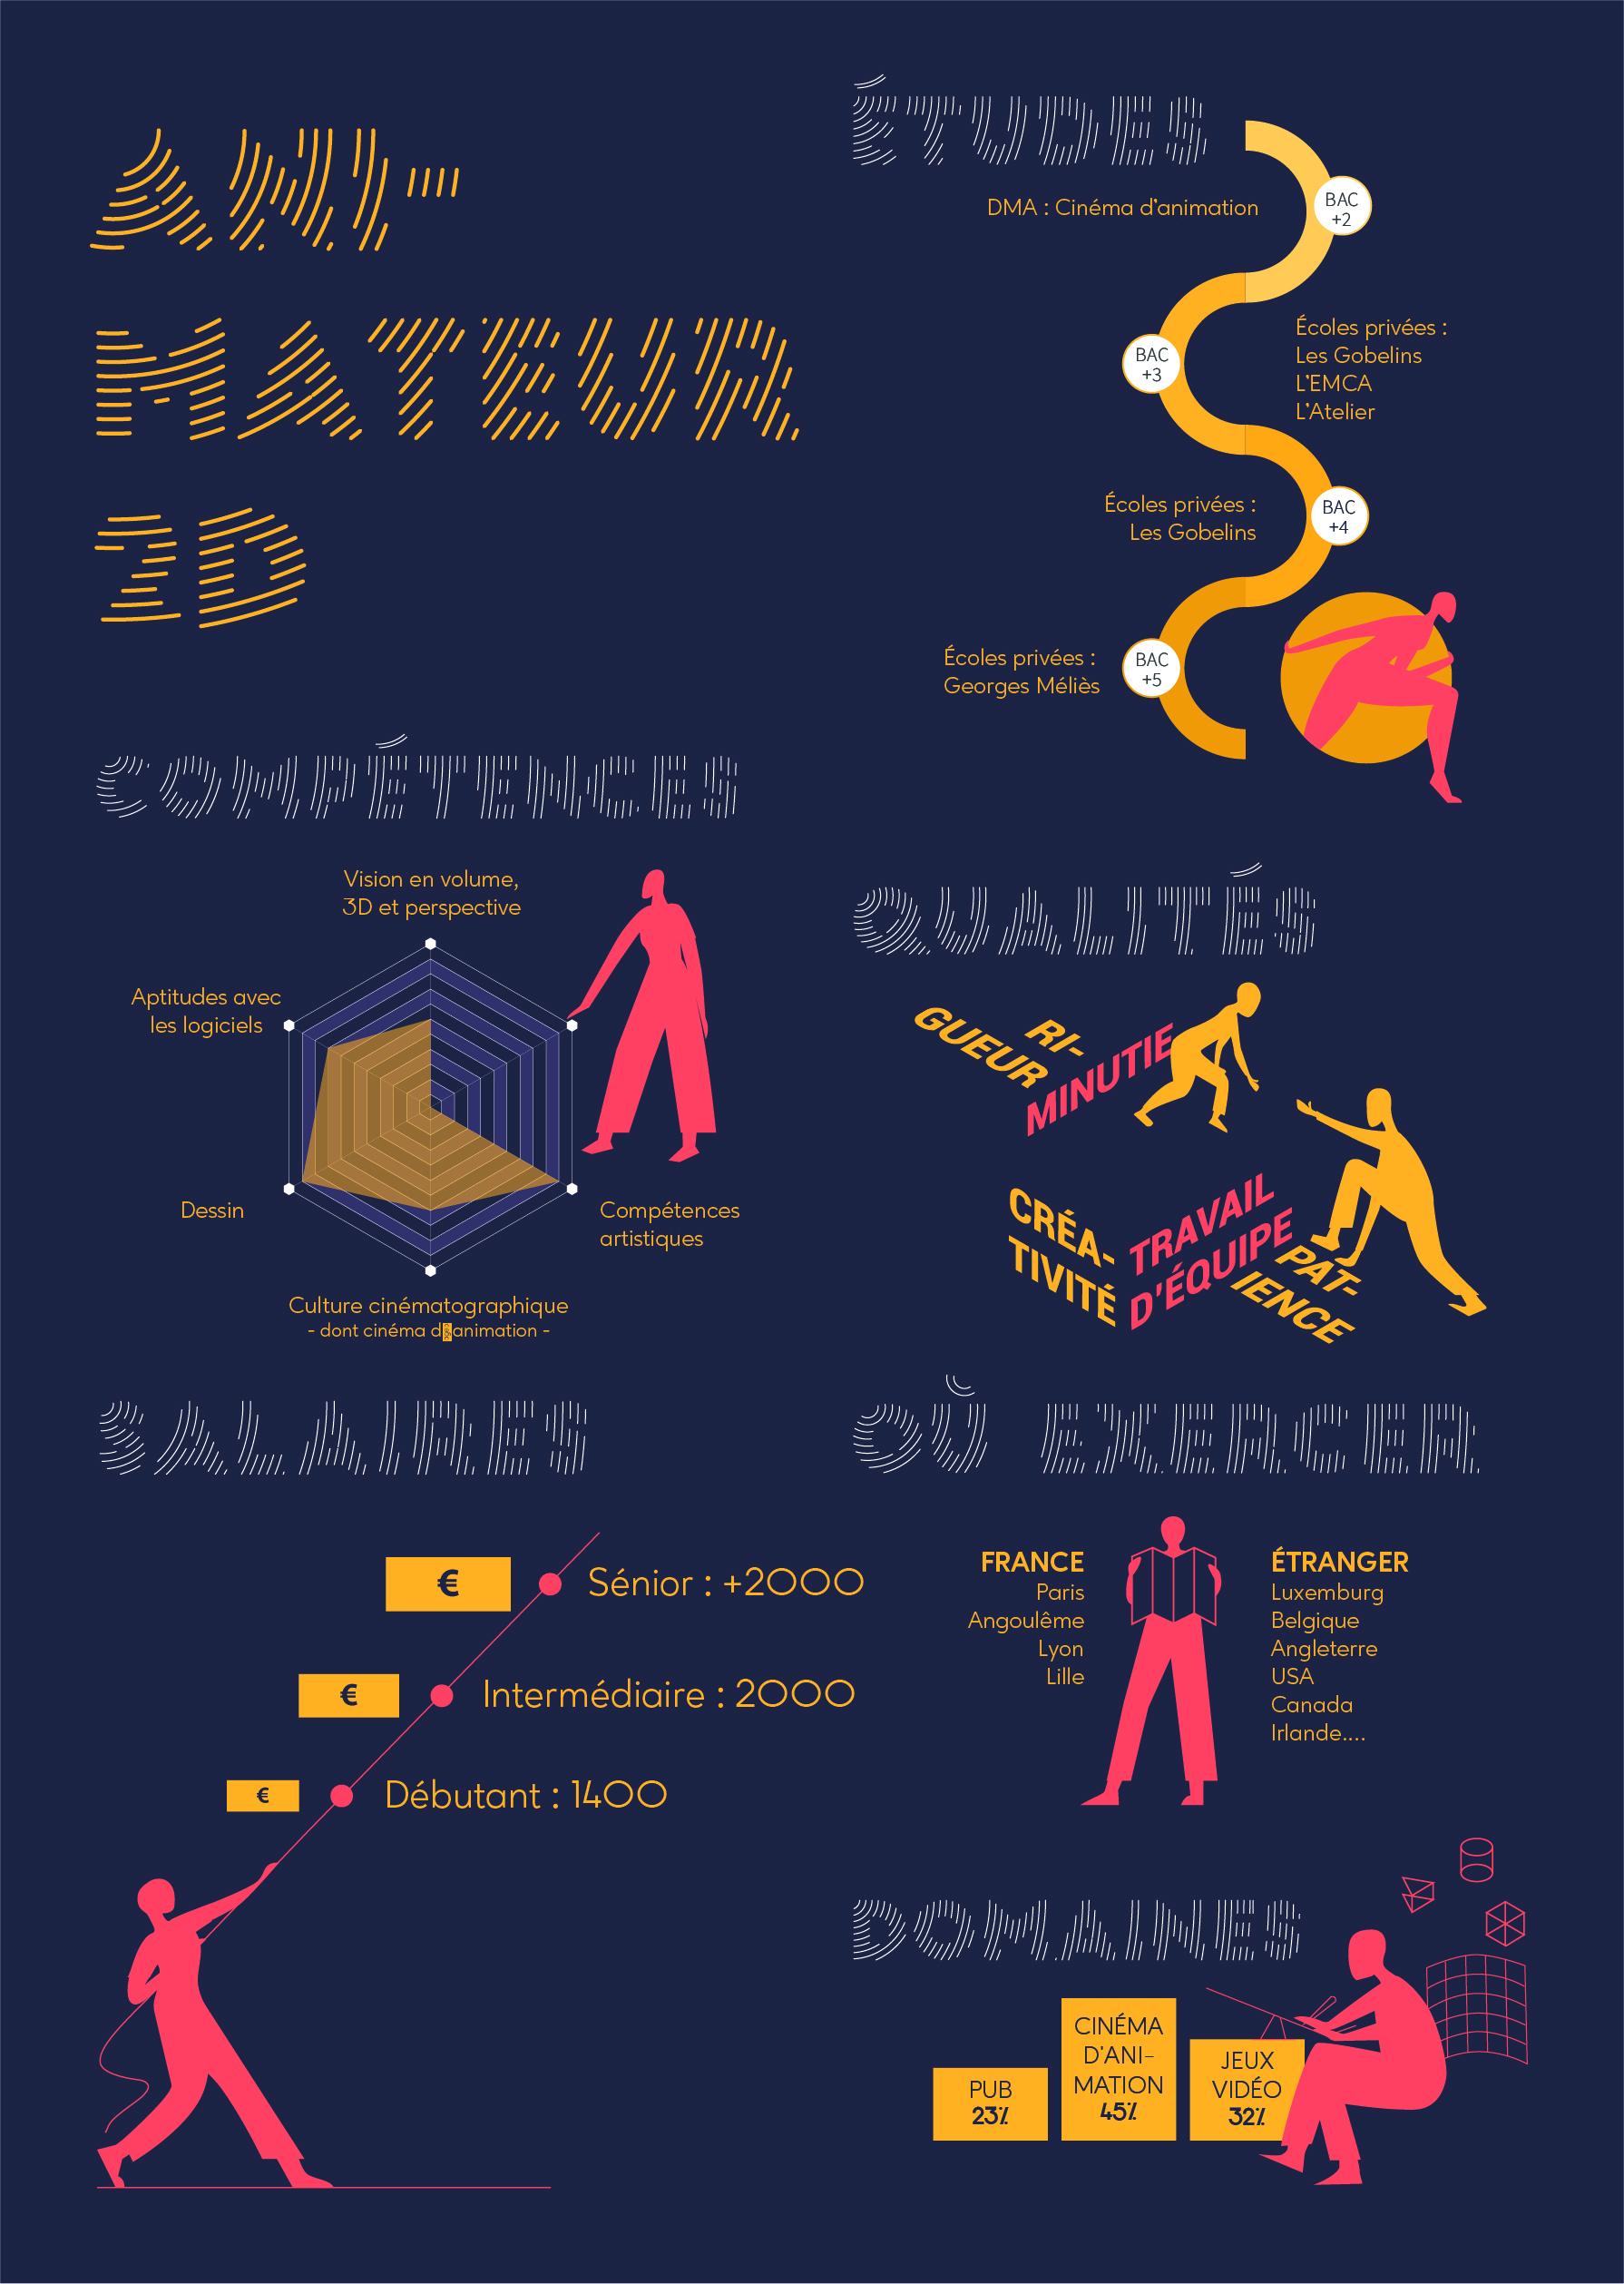 Emilie Leboucq - data visualisation du métier d'animateur 2D